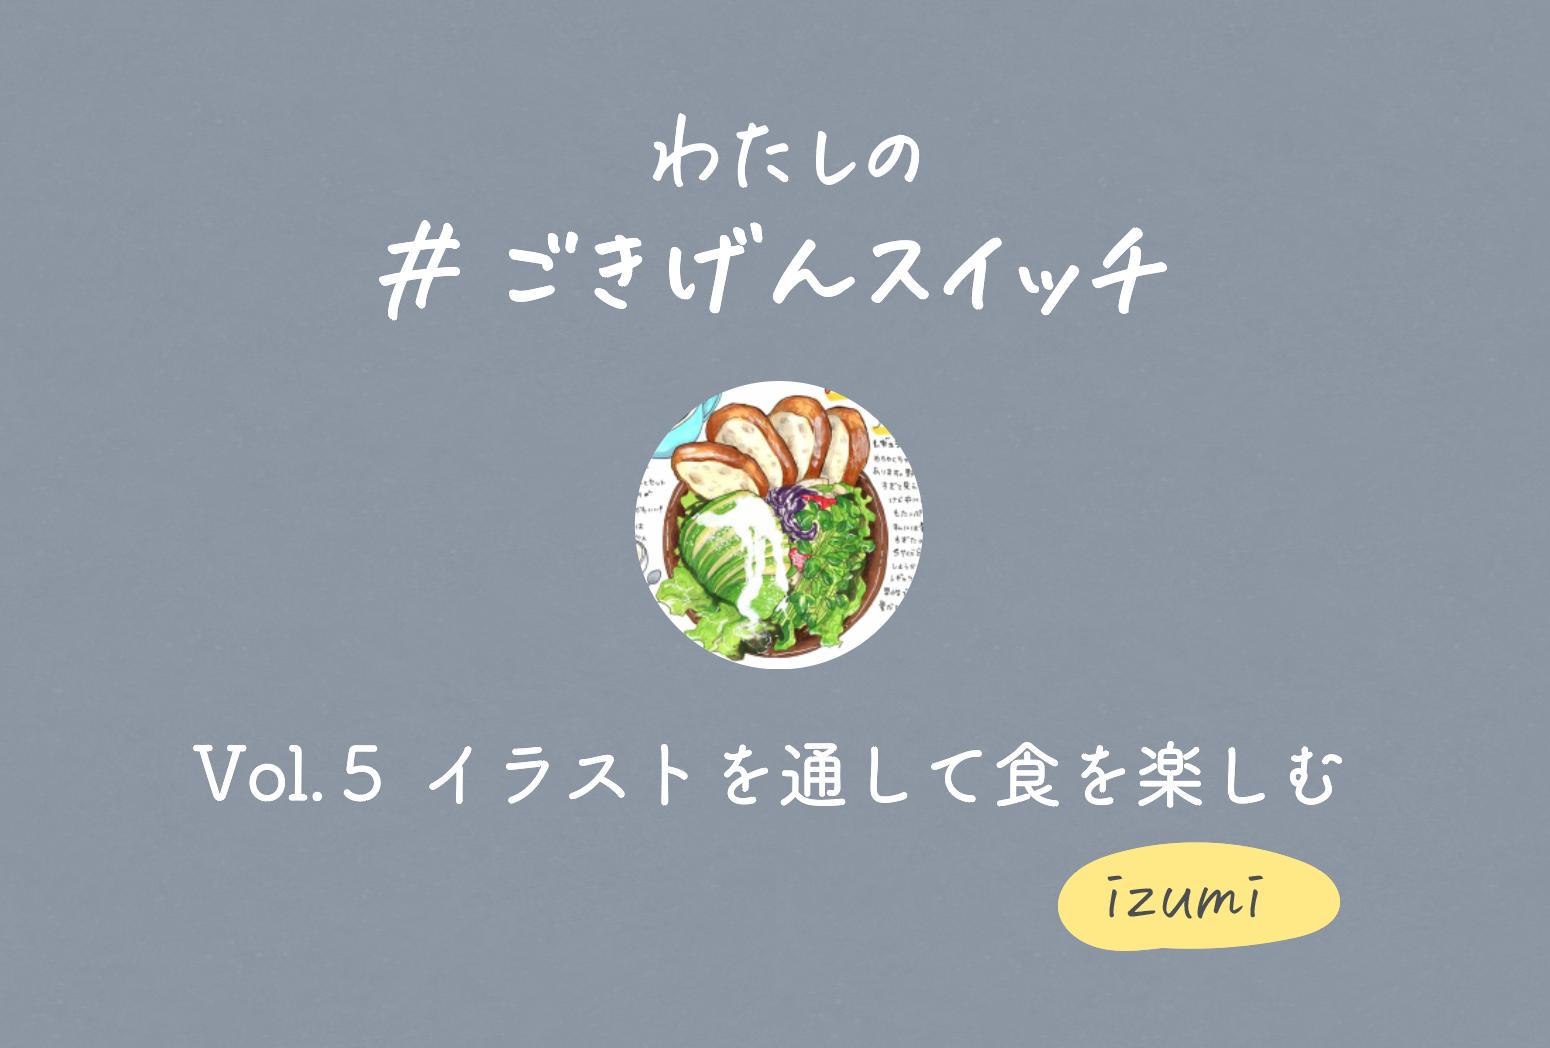 【わたしの#ごきげんスイッチVol.5】イラストを通して食を楽しむ